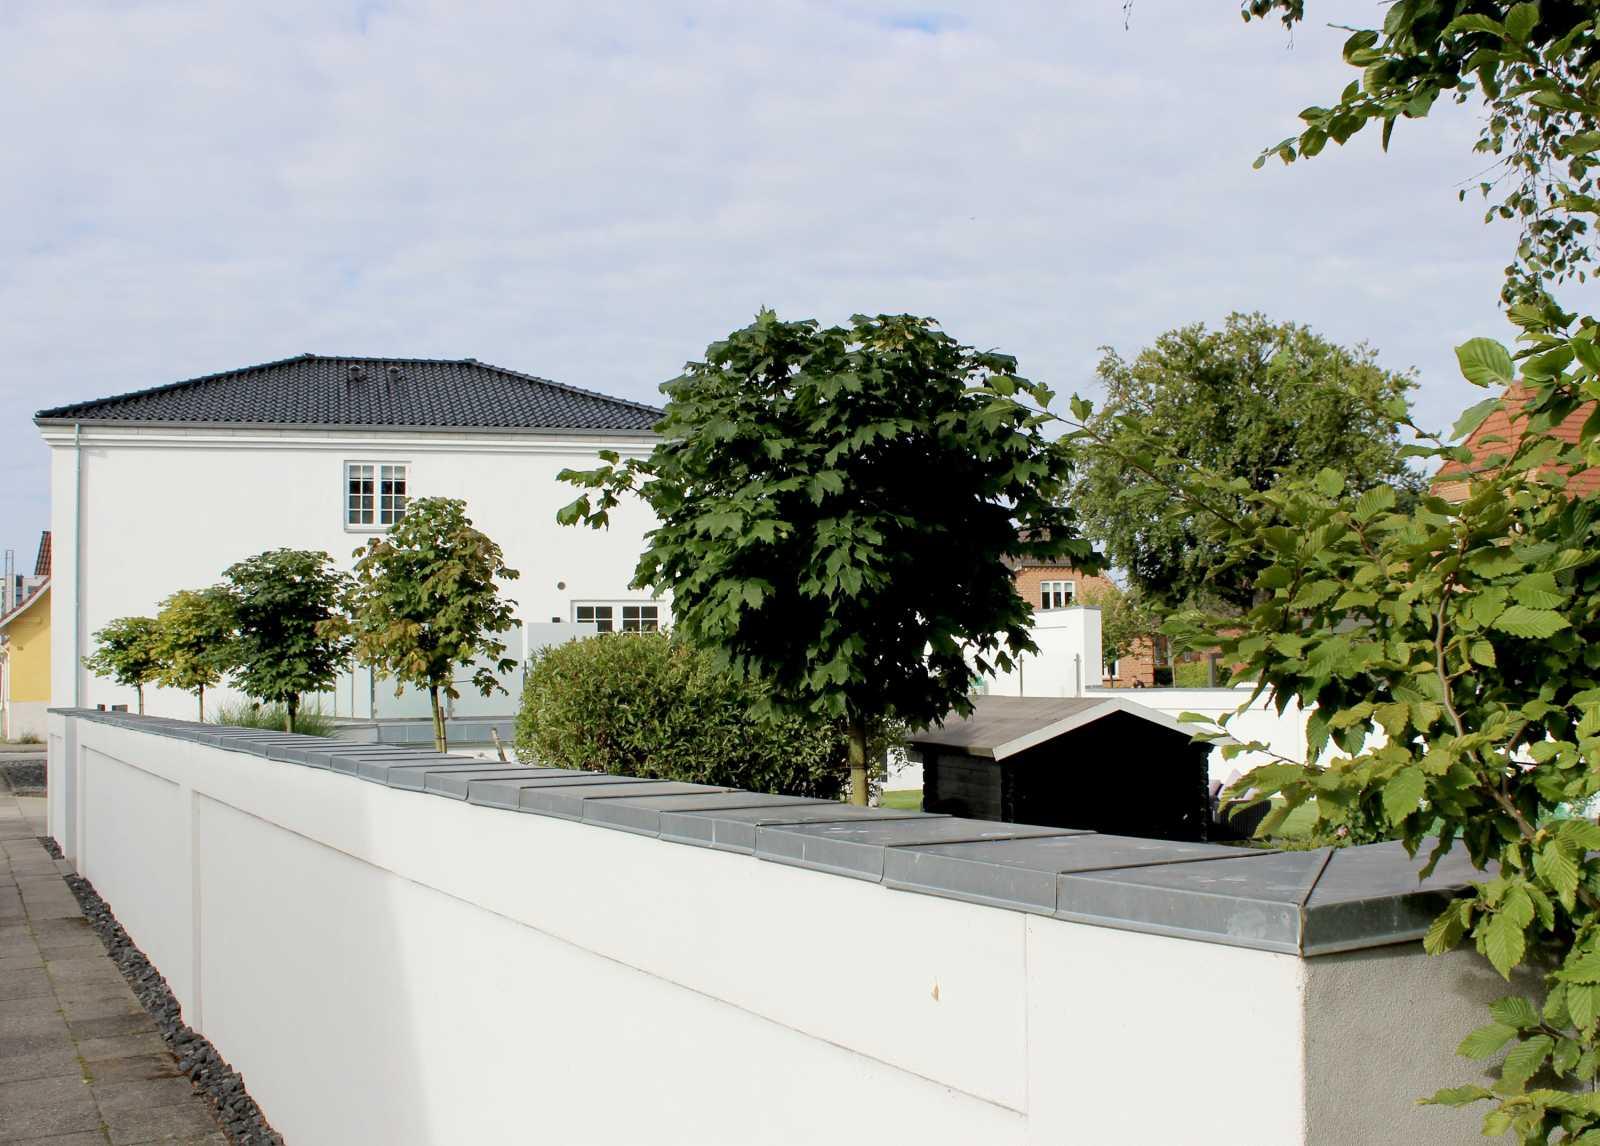 Havemuren her er lavet så den matcher godt med husets stil, og komplementerer til et flot helhedsindtryk af villaen.